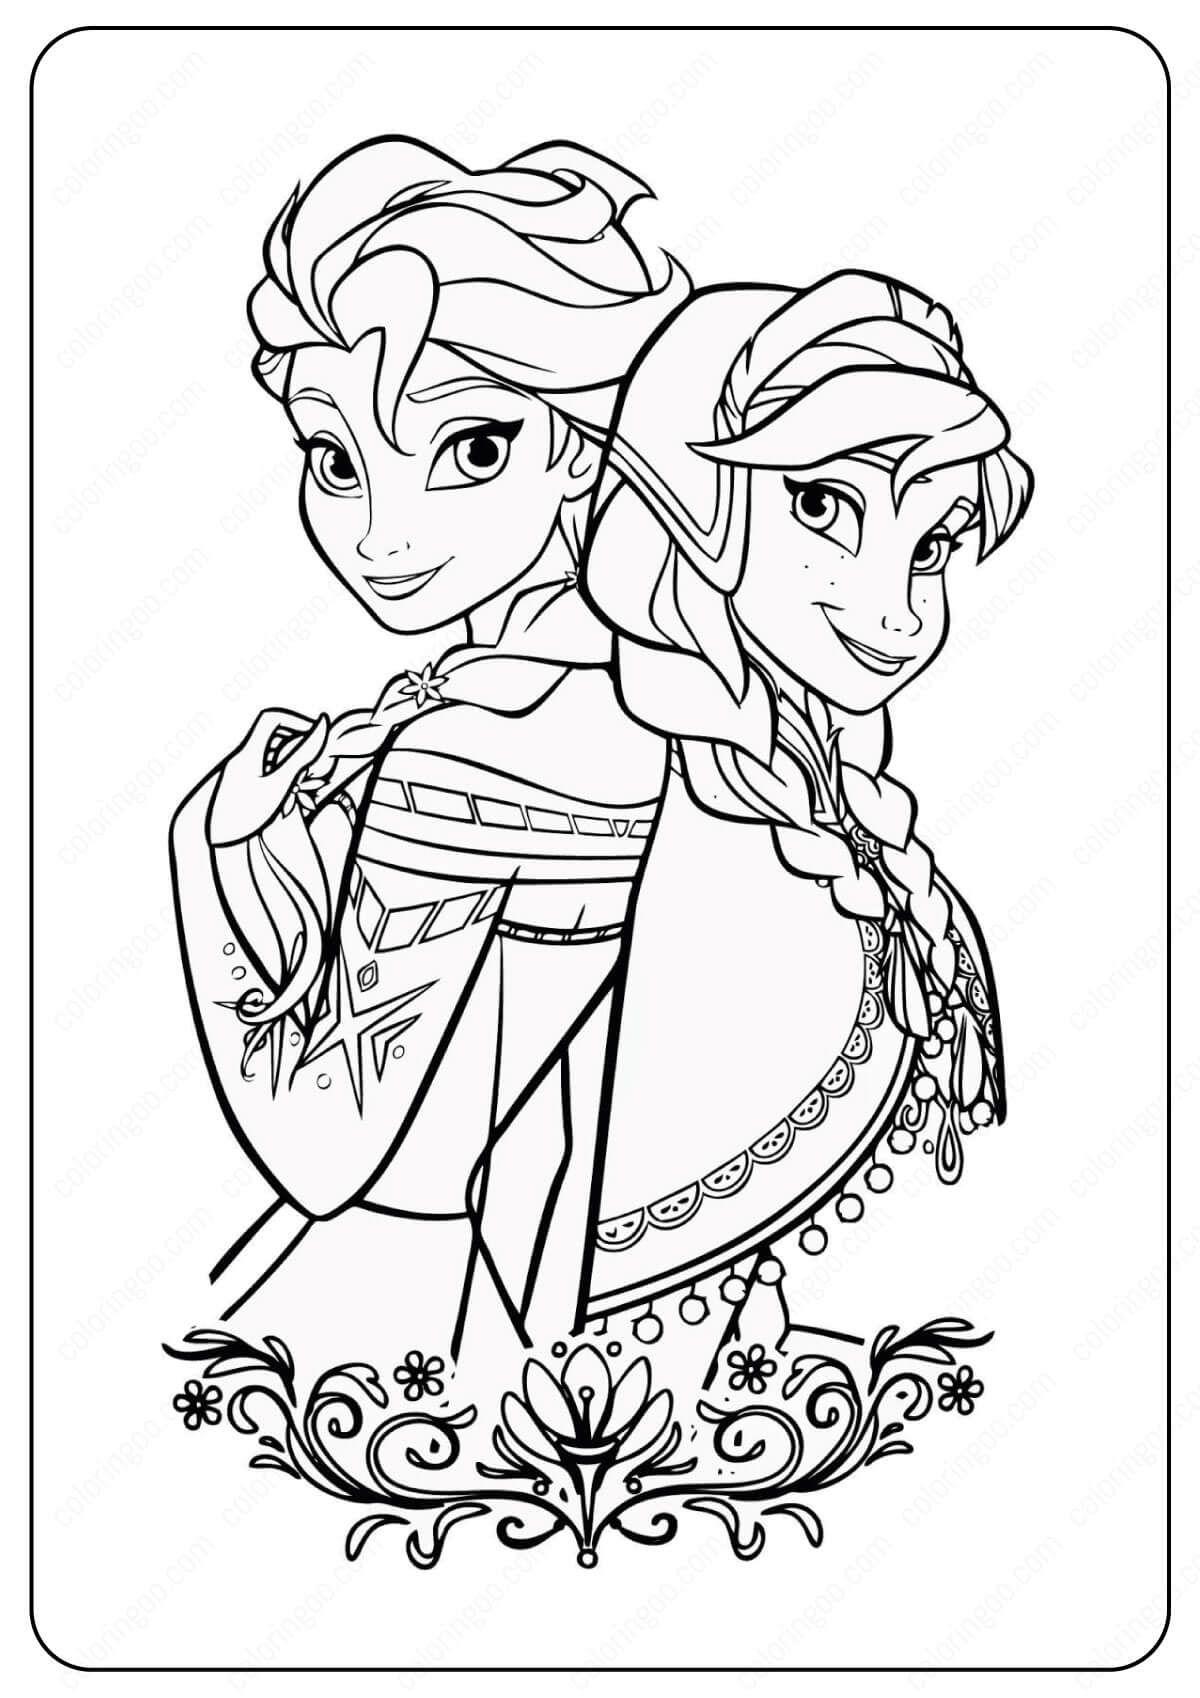 Disney Elsa Colouring Pages - doraemon